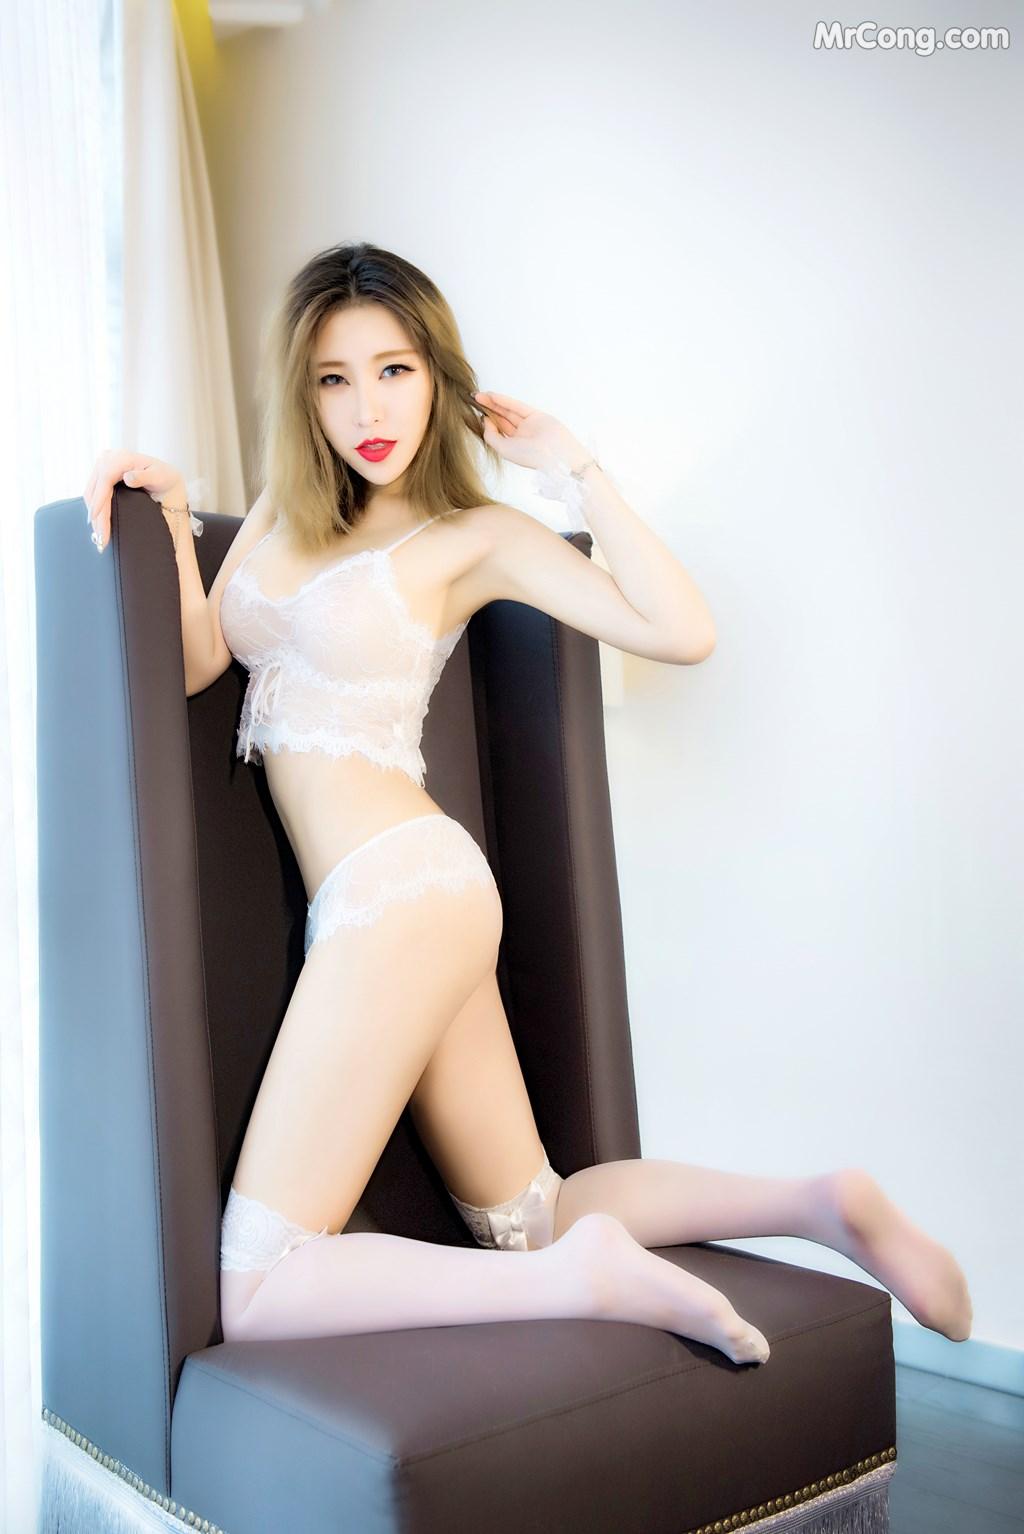 Image SLADY-2017-05-25-No.003-Zhao-Huan-Yan-MrCong.com-006 in post SLADY 2017-05-25 No.003: Người mẫu Zhao Huan Yan (赵欢颜) (46 ảnh)